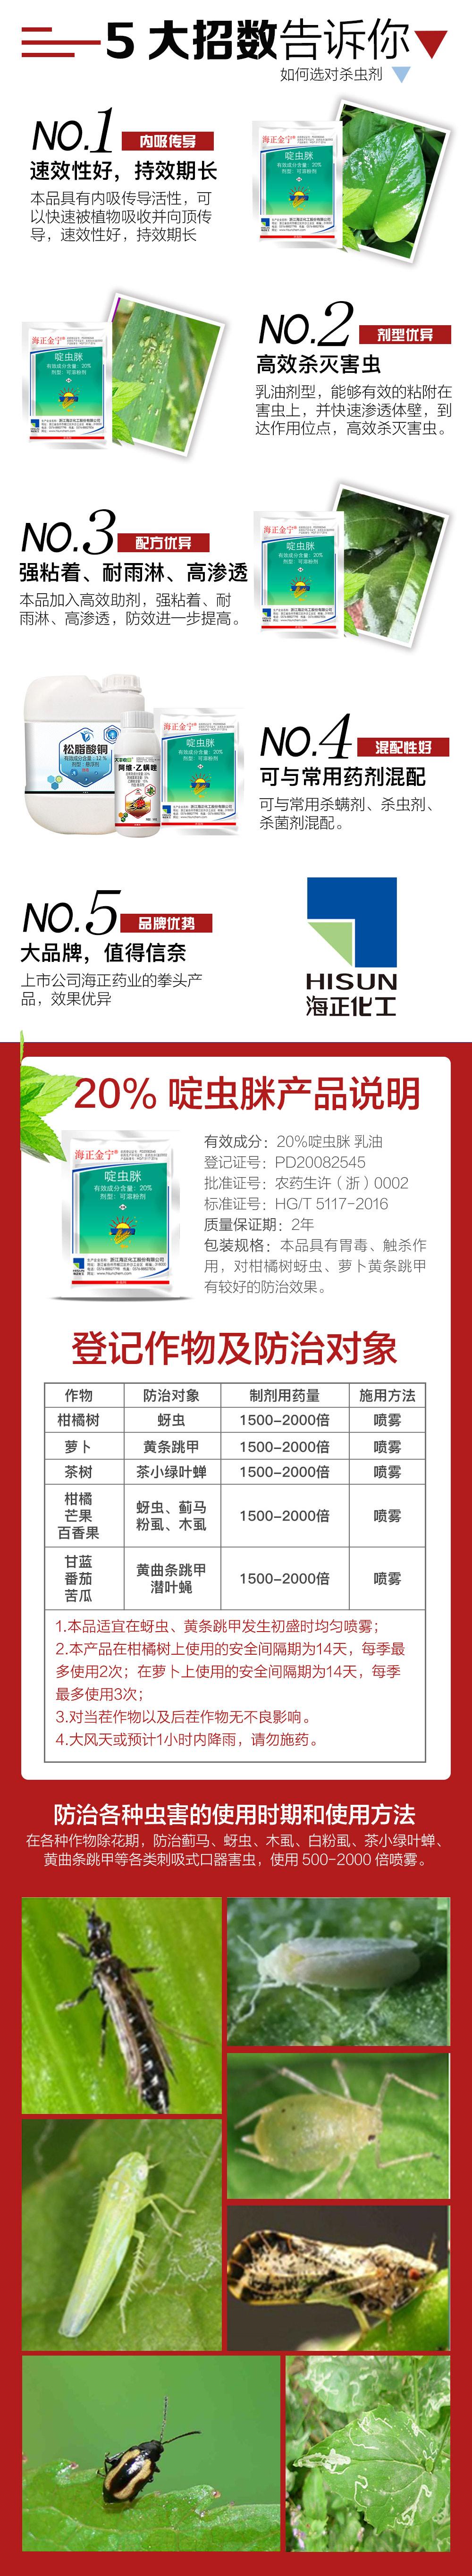 海正金宁20%啶虫眯可溶粉剂_02.jpg